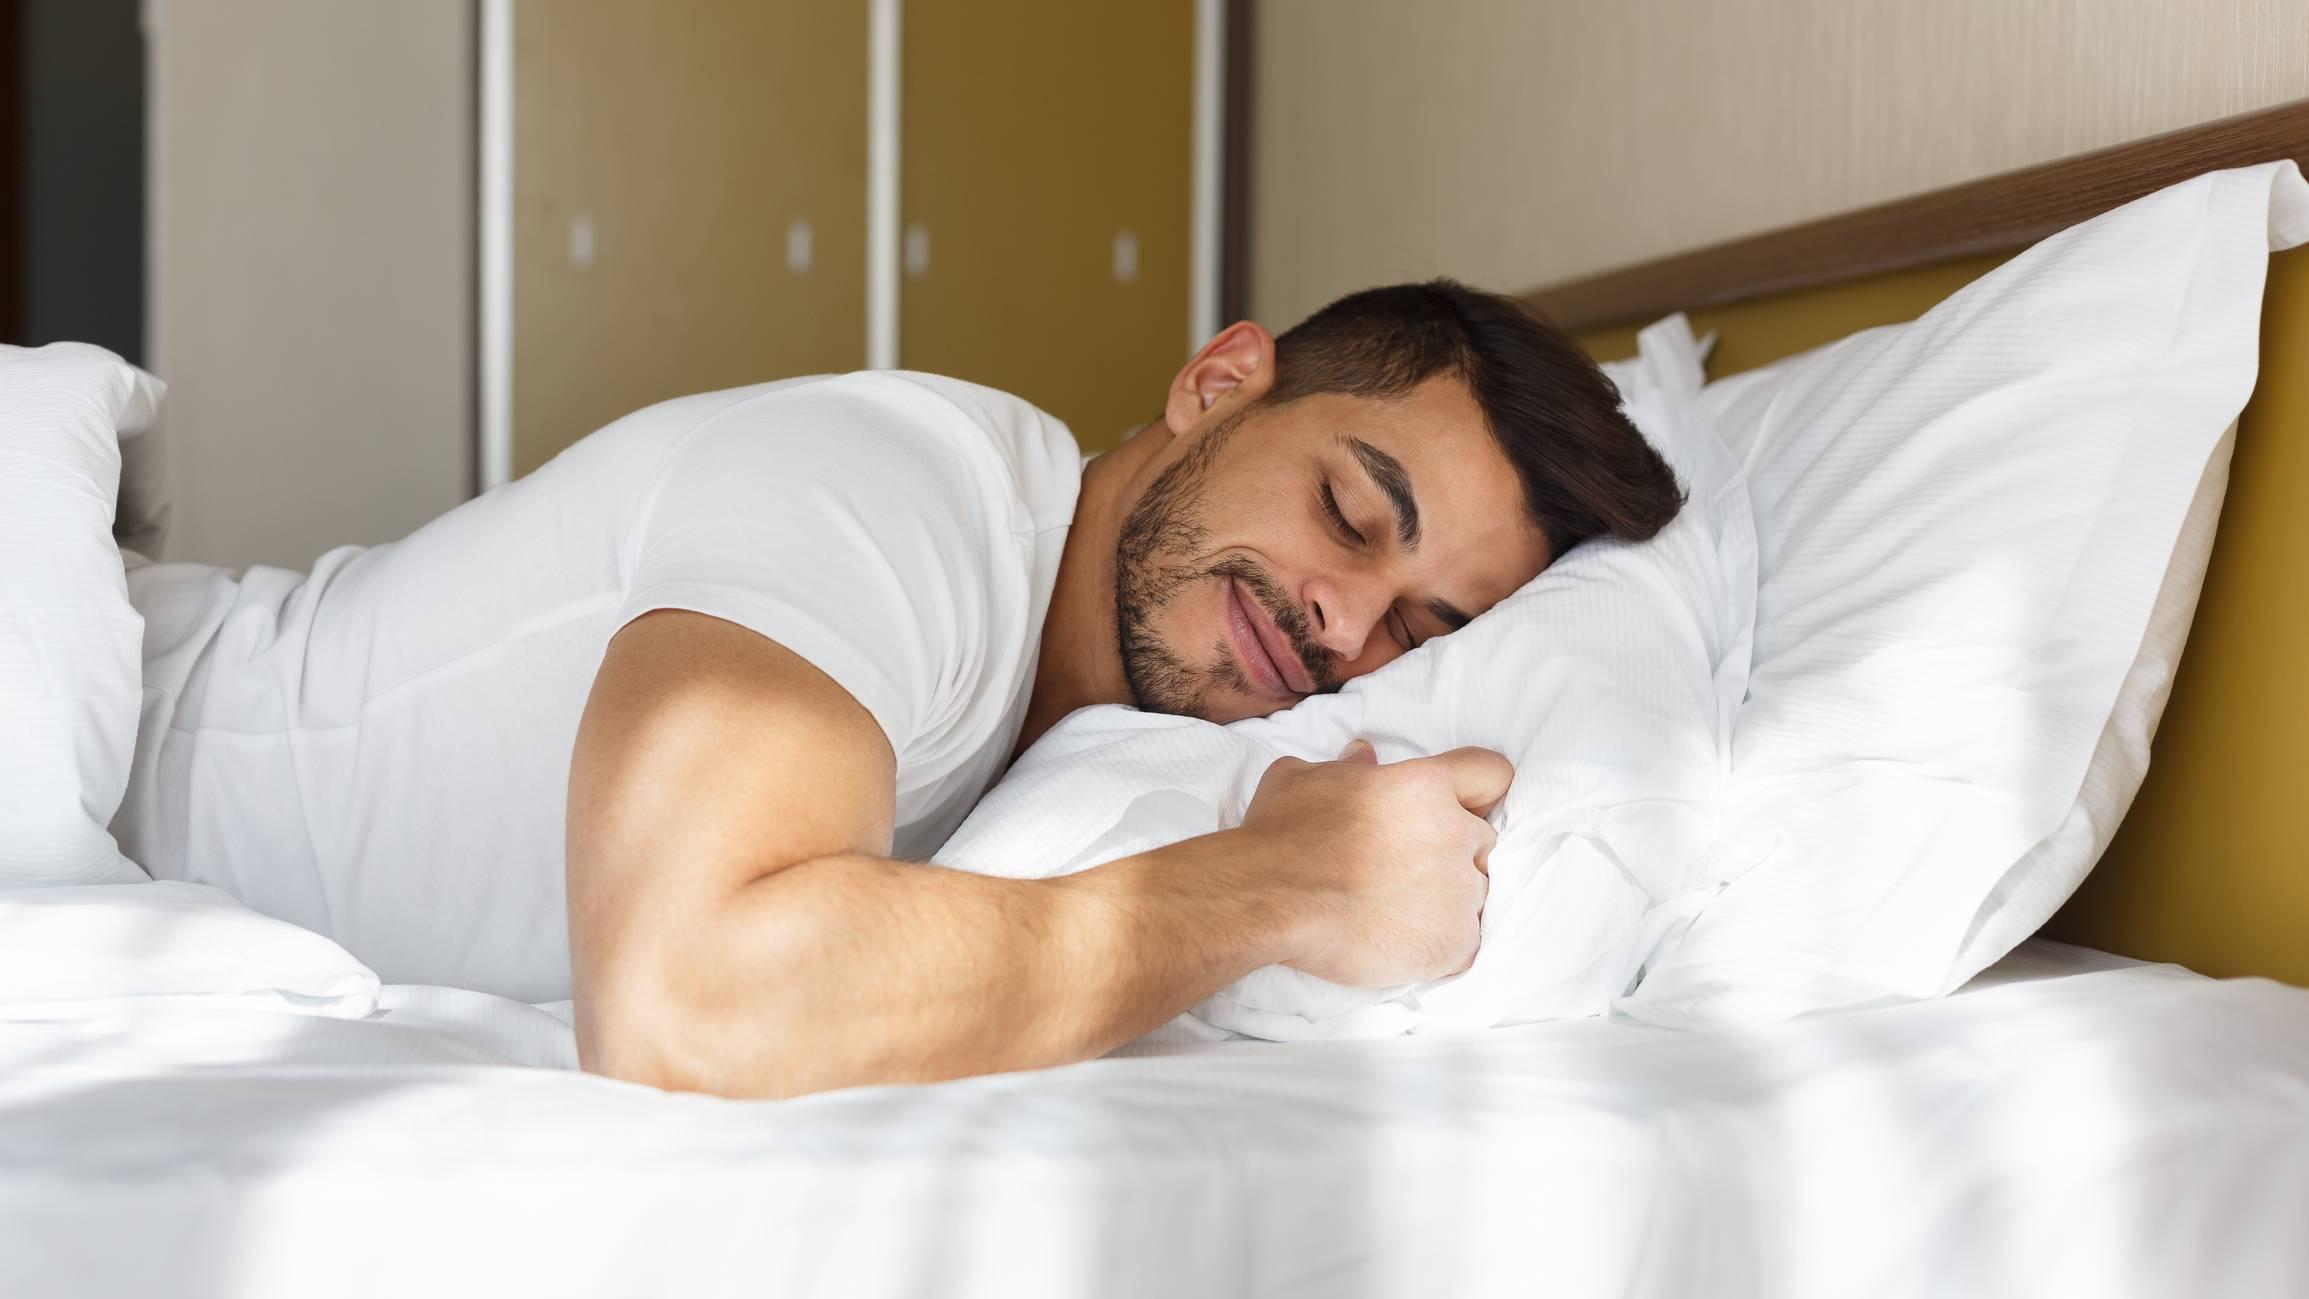 sommeil literie couette dormir lit oreiller